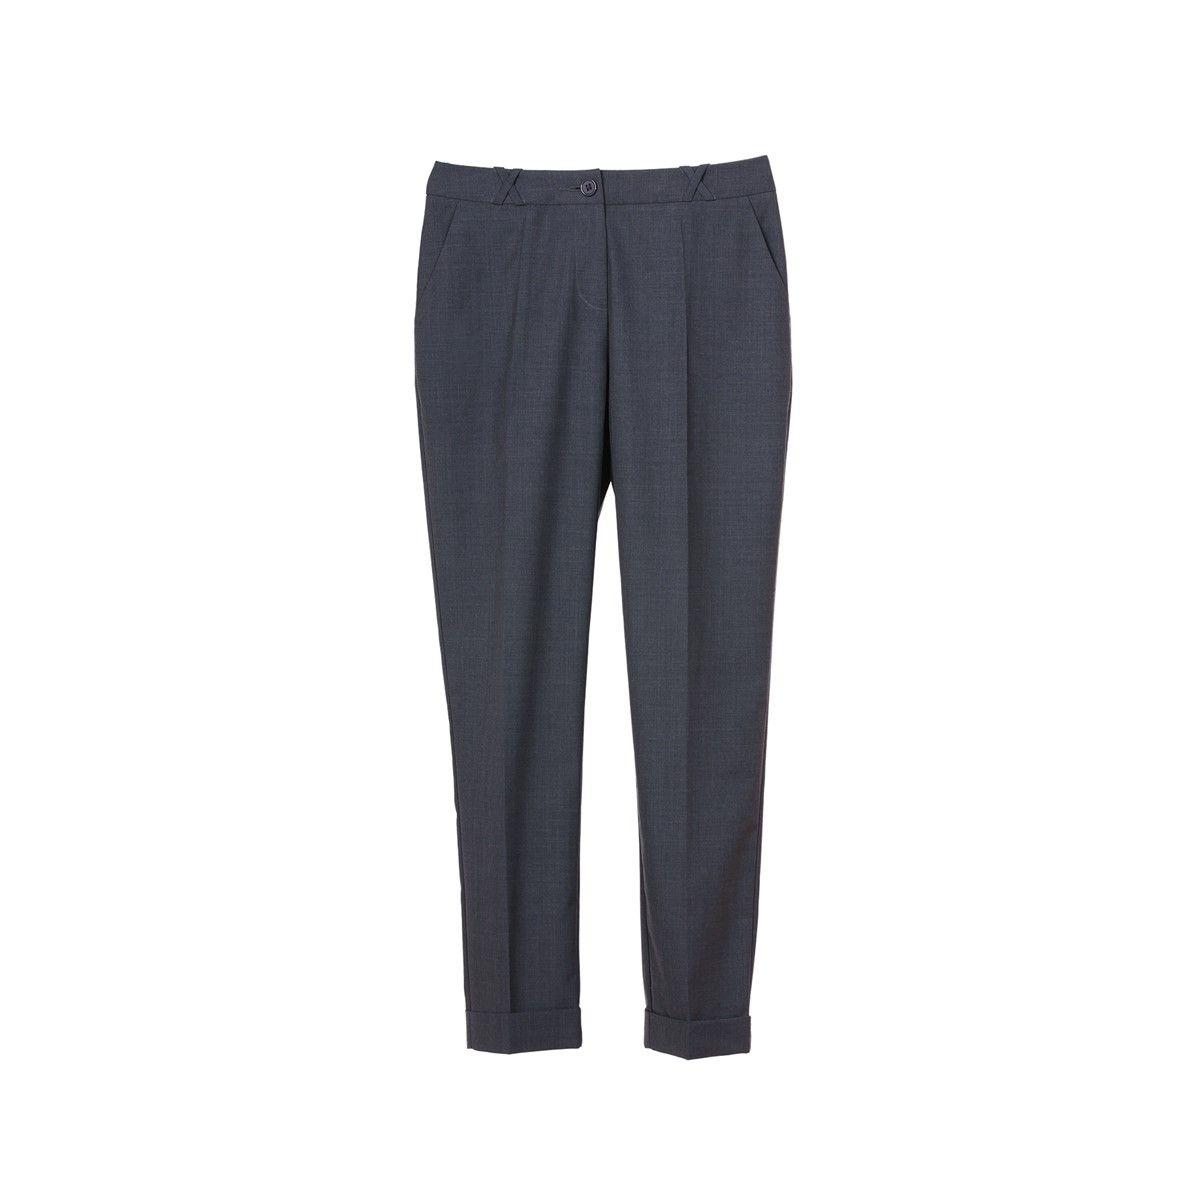 Pantalon slim taille basse en laine pour femme tenue business bureau